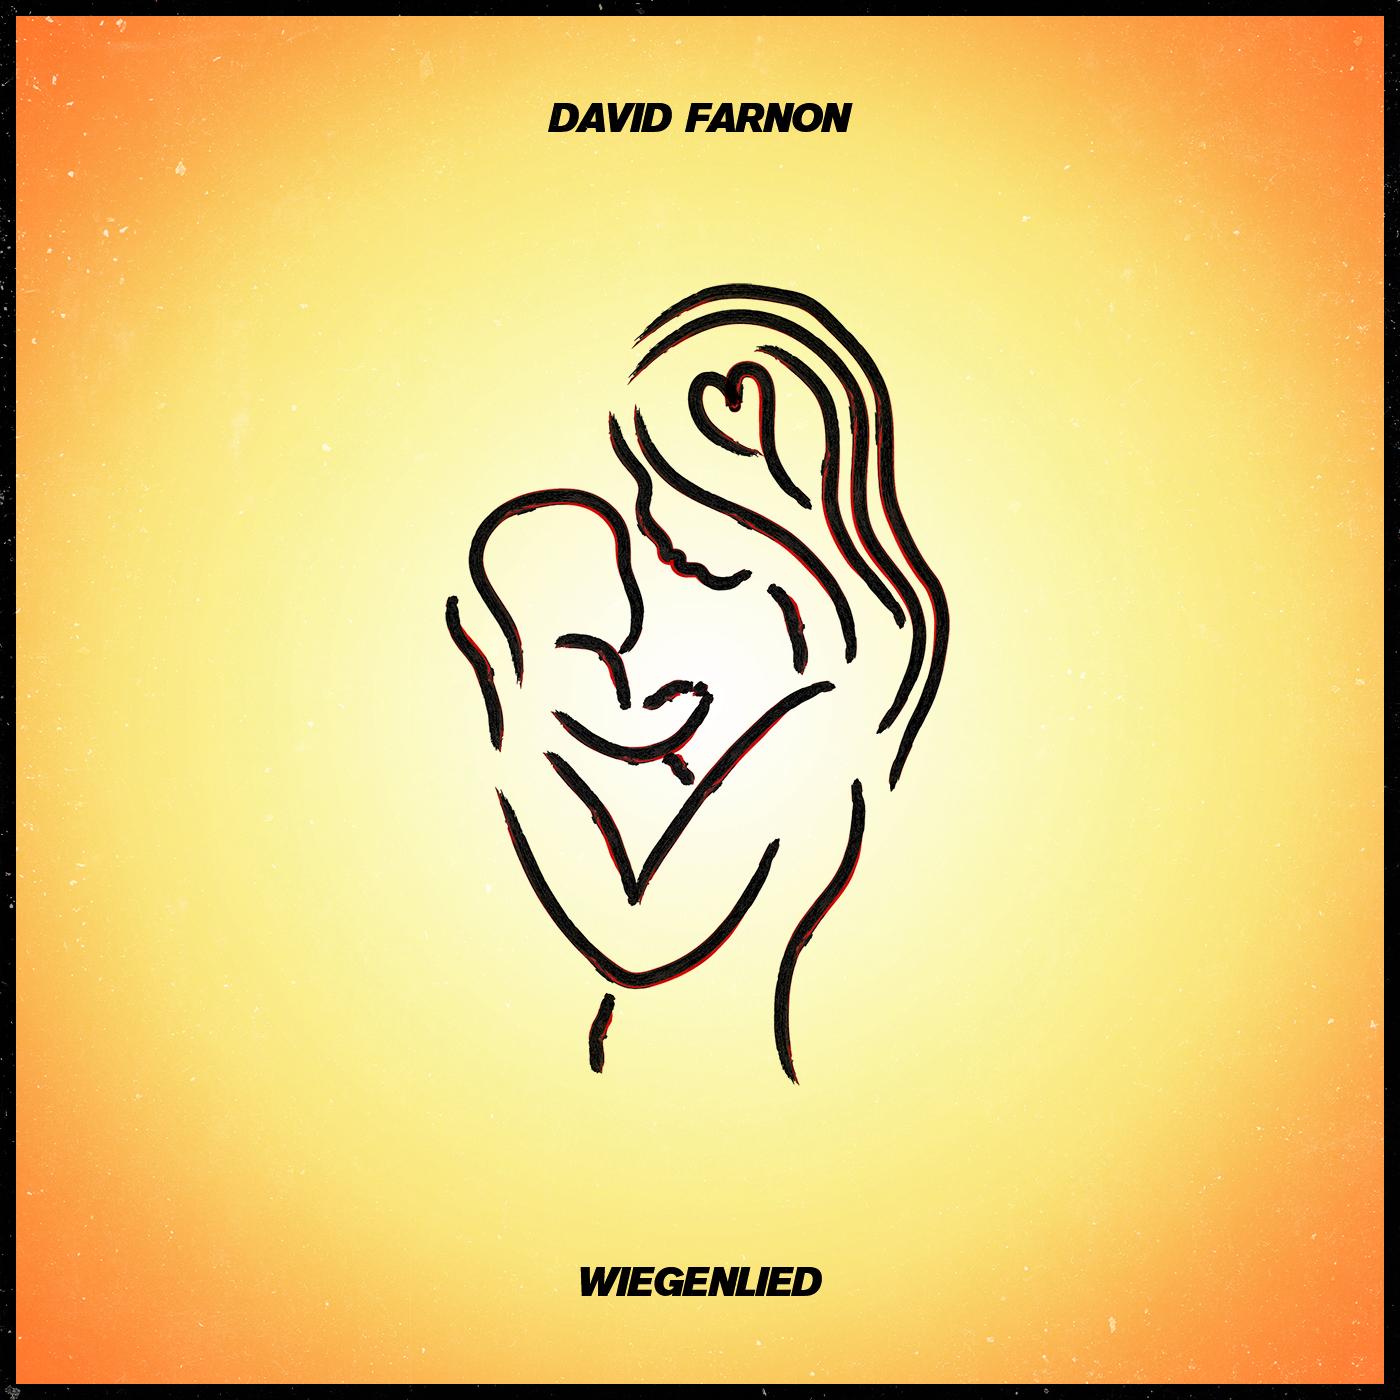 Wiegenlied | David Farnon (2019) -